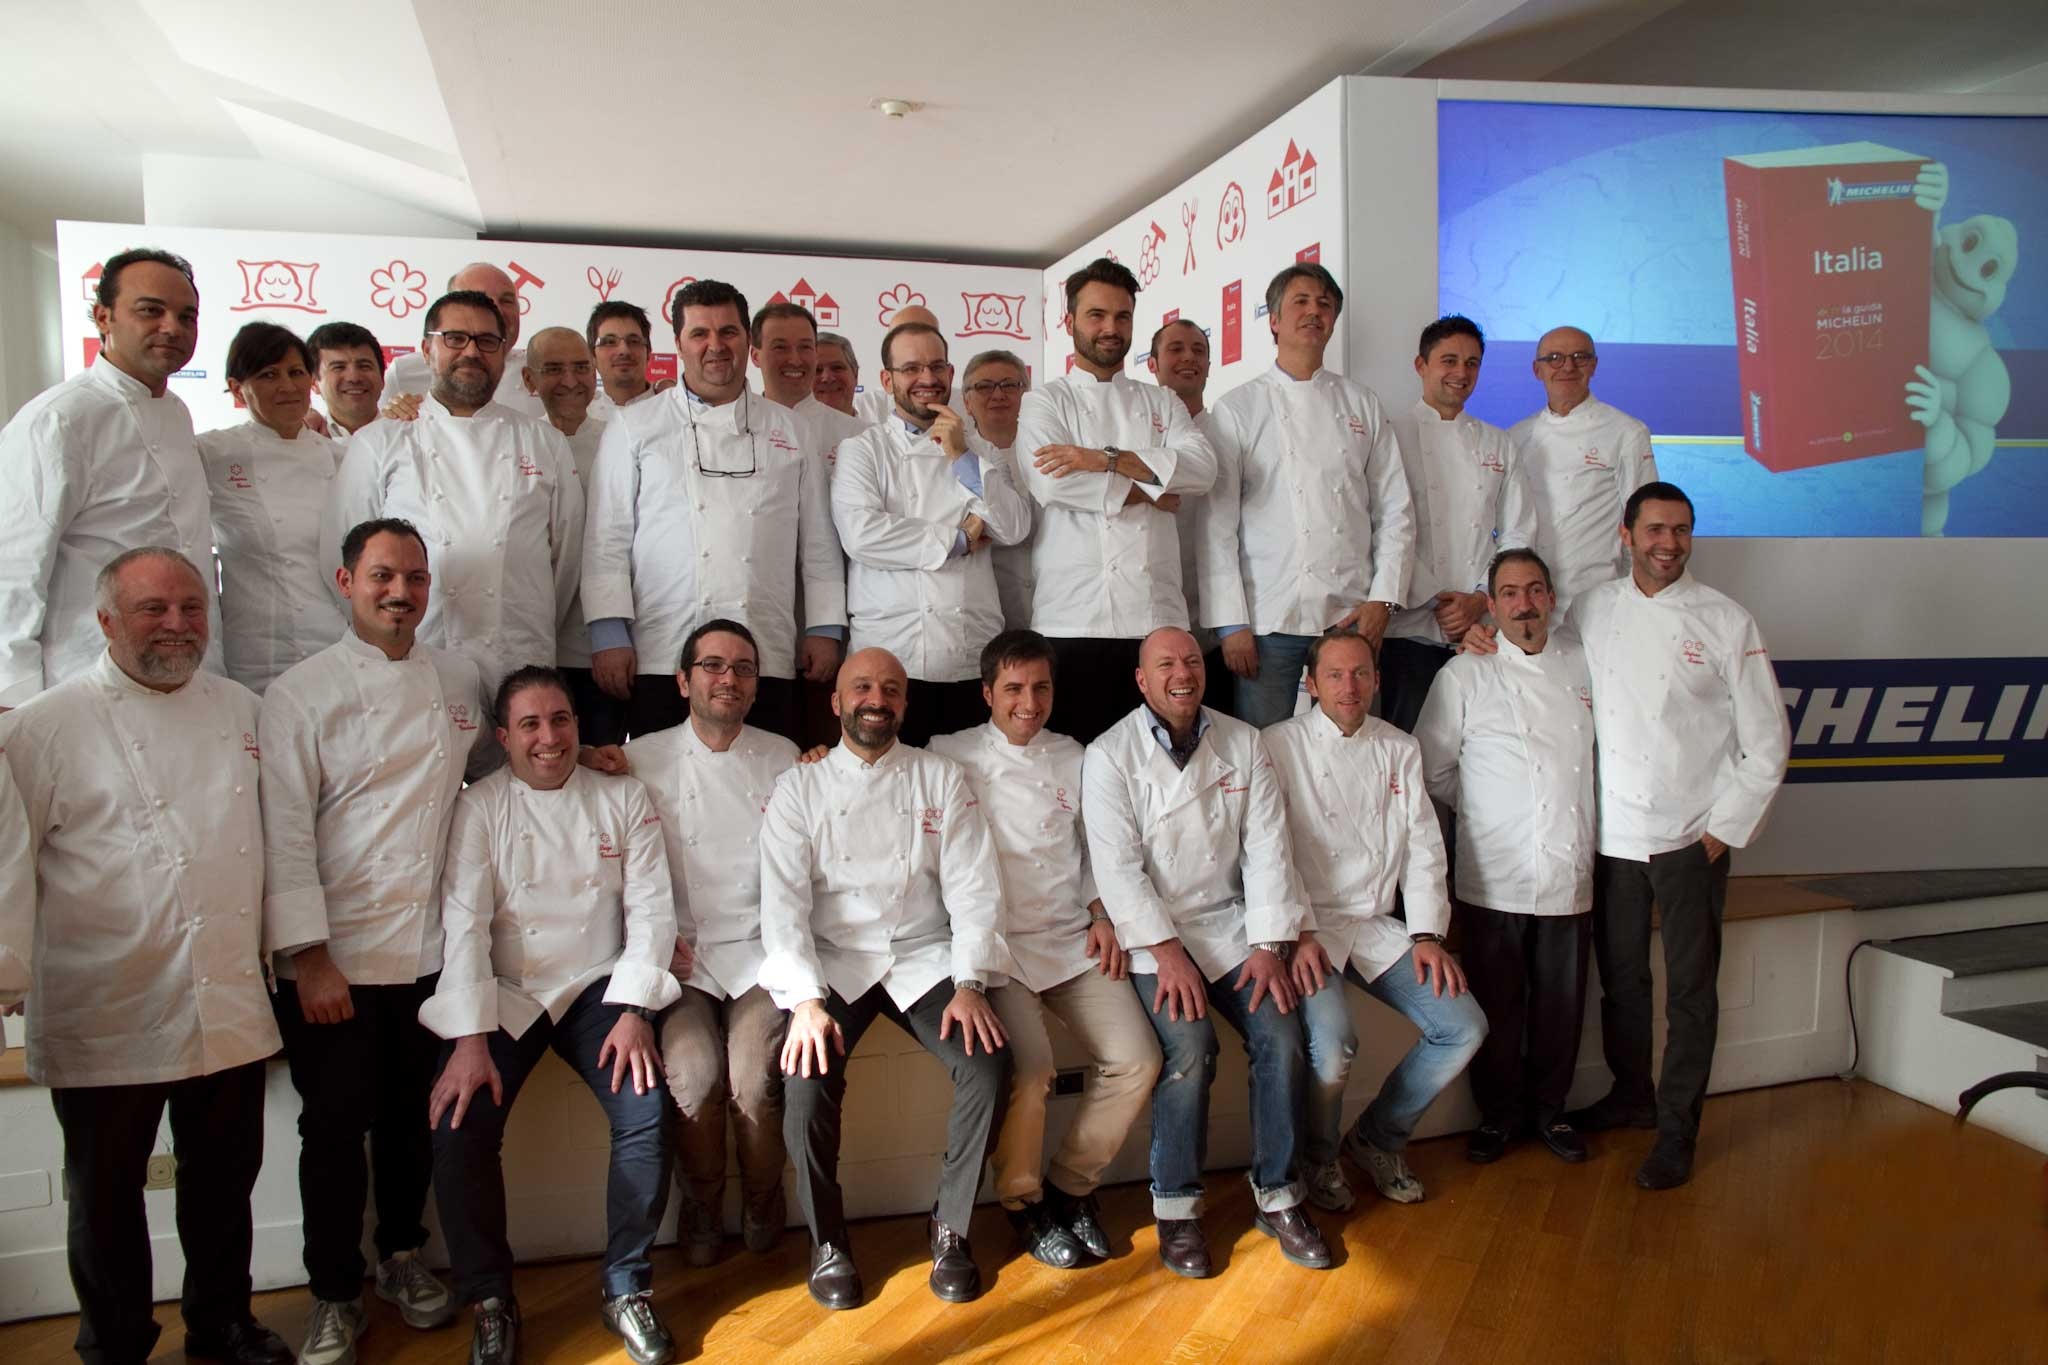 La Credenza Ristorante Stella Michelin : Guida michelin tutte le stelle dei migliori ristoranti in italia